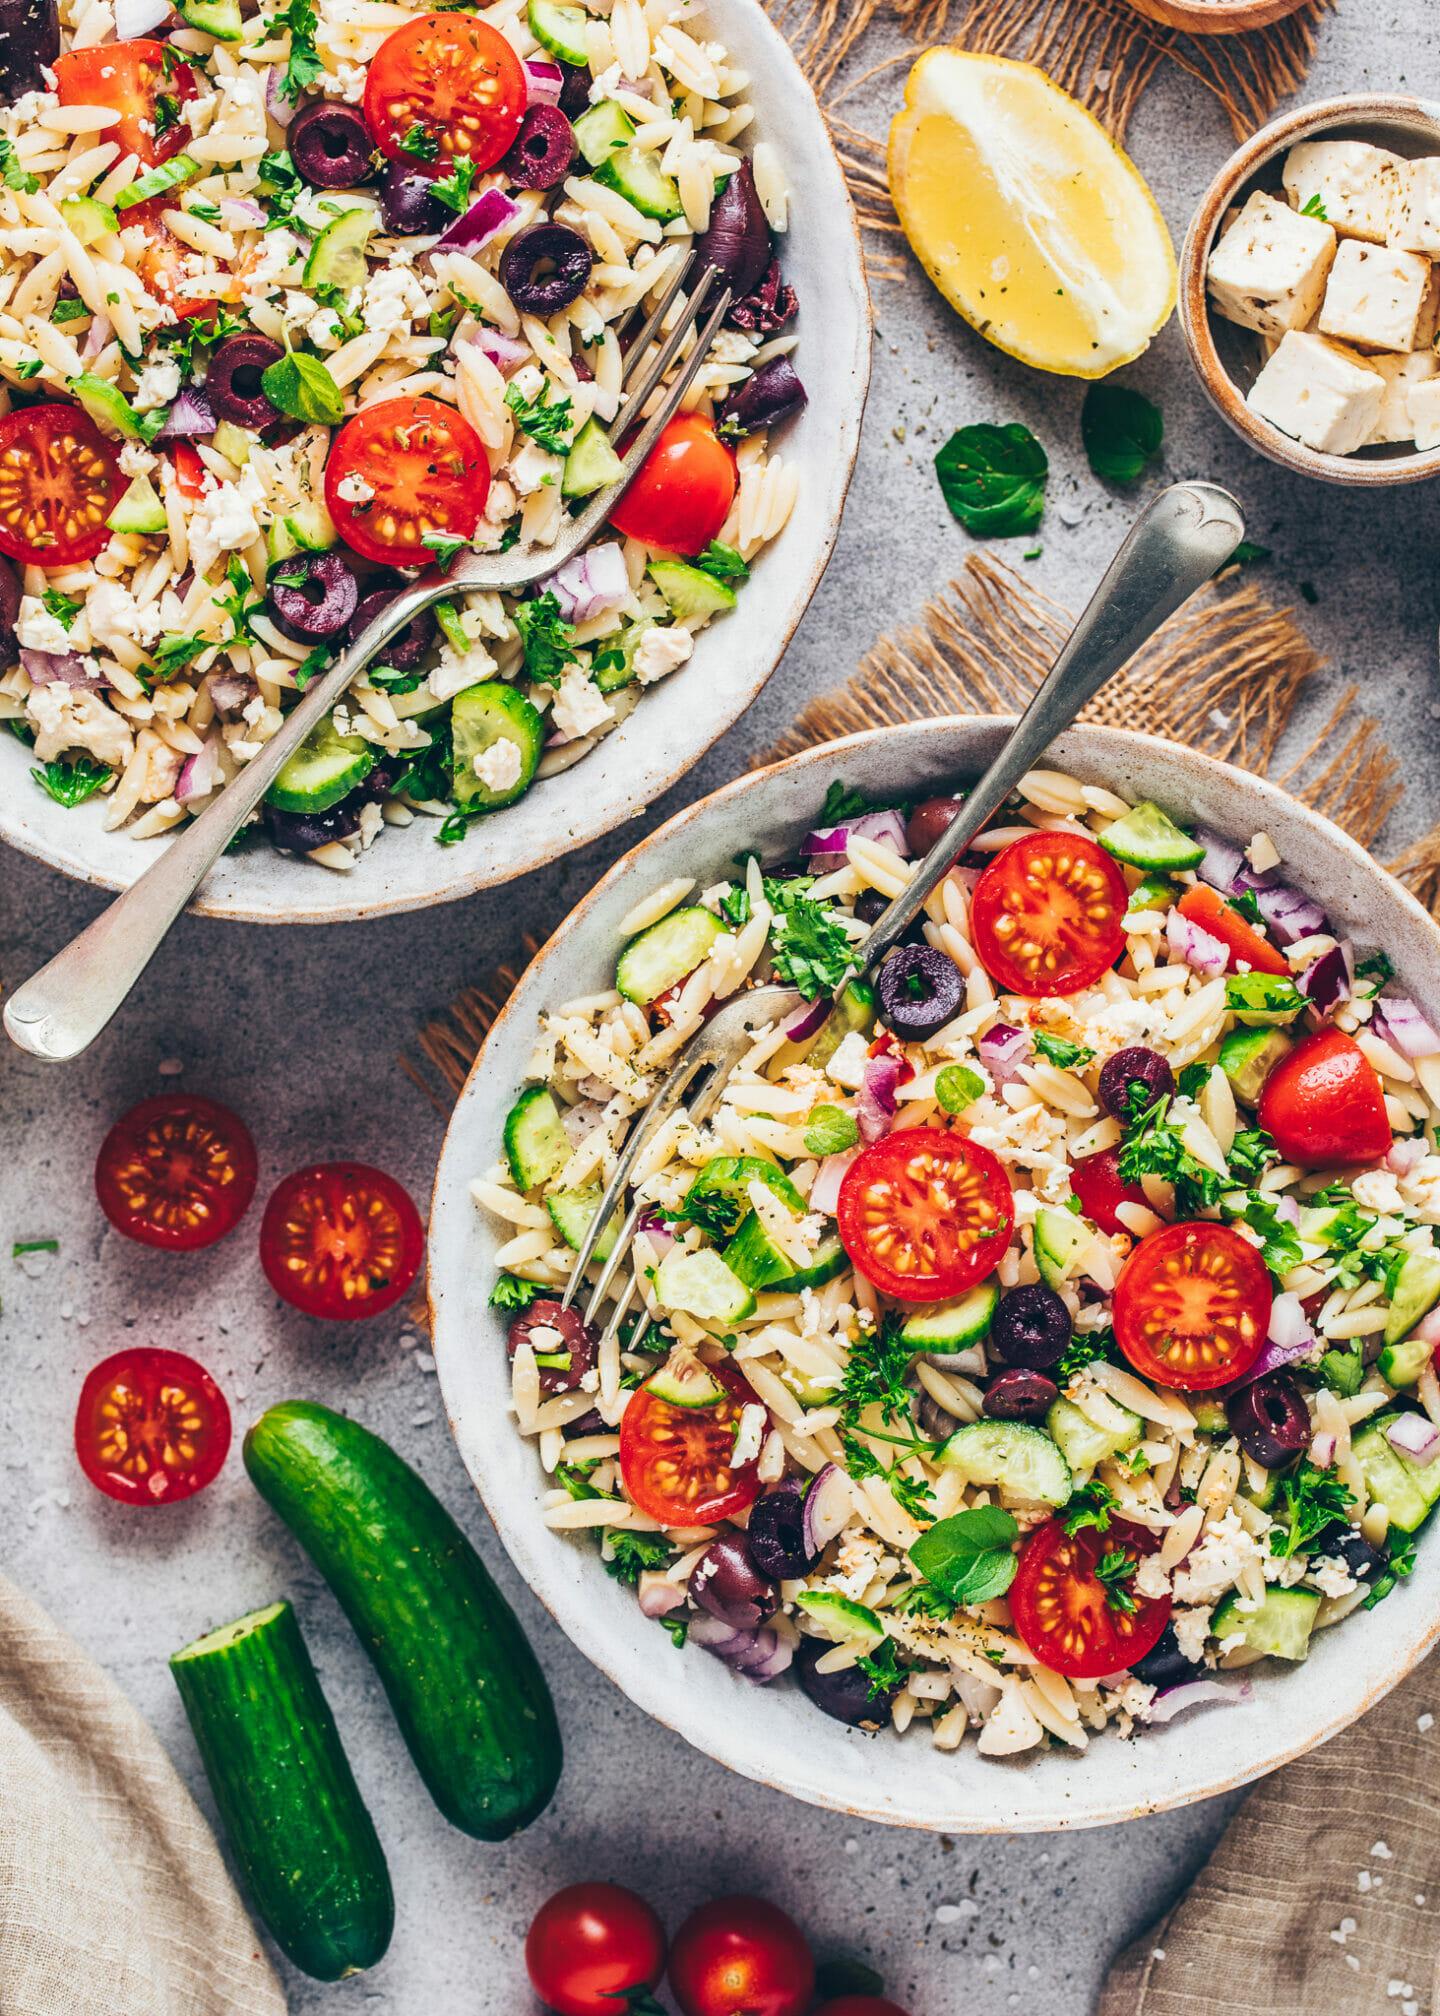 Vegan Pasta Salad with Orzo